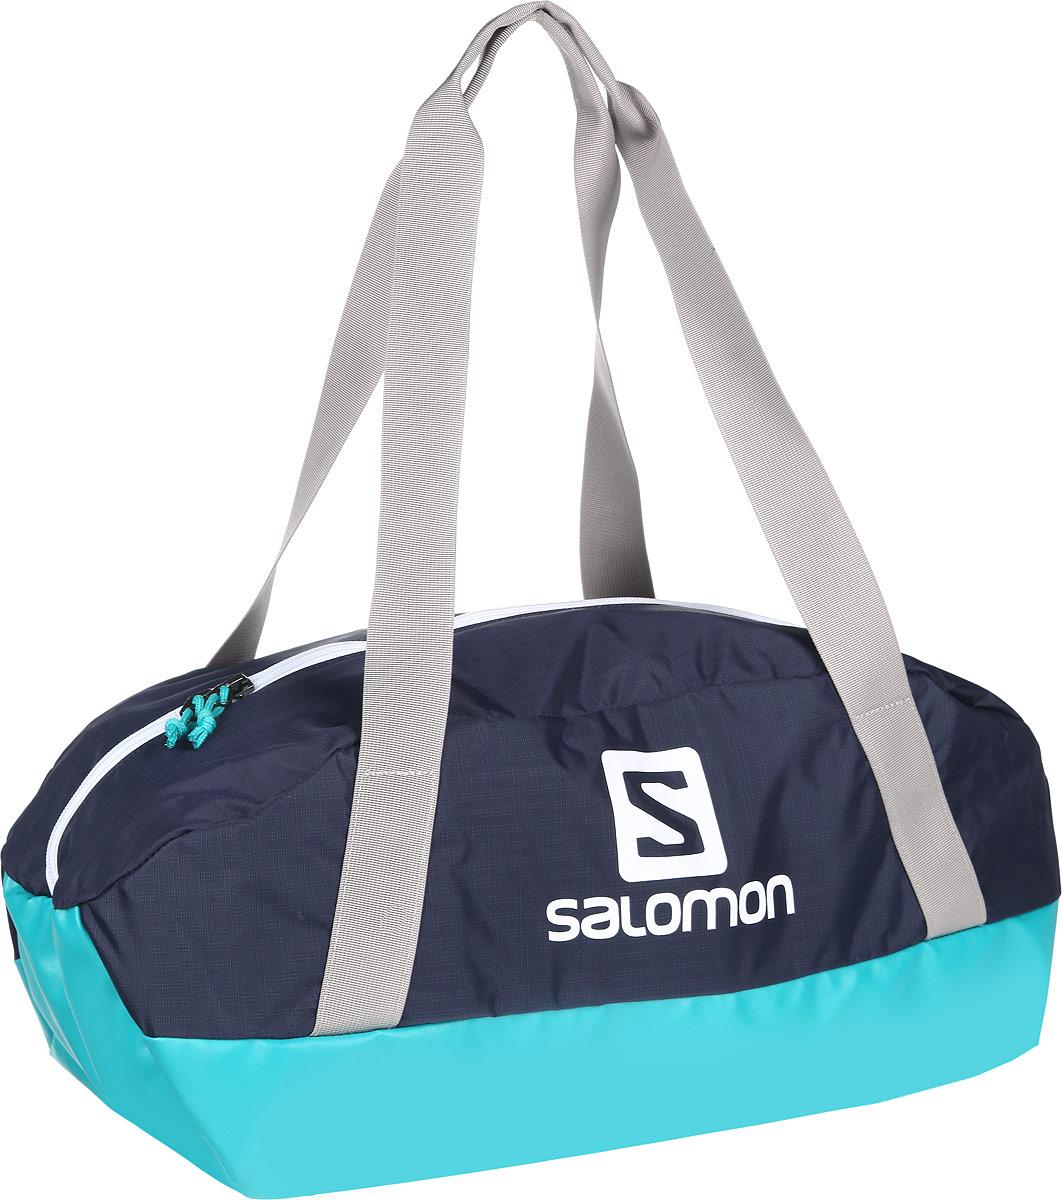 Сумка спортивная Salomon Sports Bag, цвет: бирюзовый, синий, серый. L38002600L38002600Спортивная сумка Salomon Sports Bag выполнена из износостойкого нейлона, оформлена изображением логотипа бренда. Изделие закрывается на молнию, внутри содержит два врезных кармана, каждый из которых закрывается на застежку-молнию. Сумка оснащена двумя широкими ручками, позволяющими носить изделие, как в руках, так и на плече. Изделие дополнено прочным непромокаемым дном. Практичная спортивная сумка станет незаменимым аксессуаром для занятий спортом.